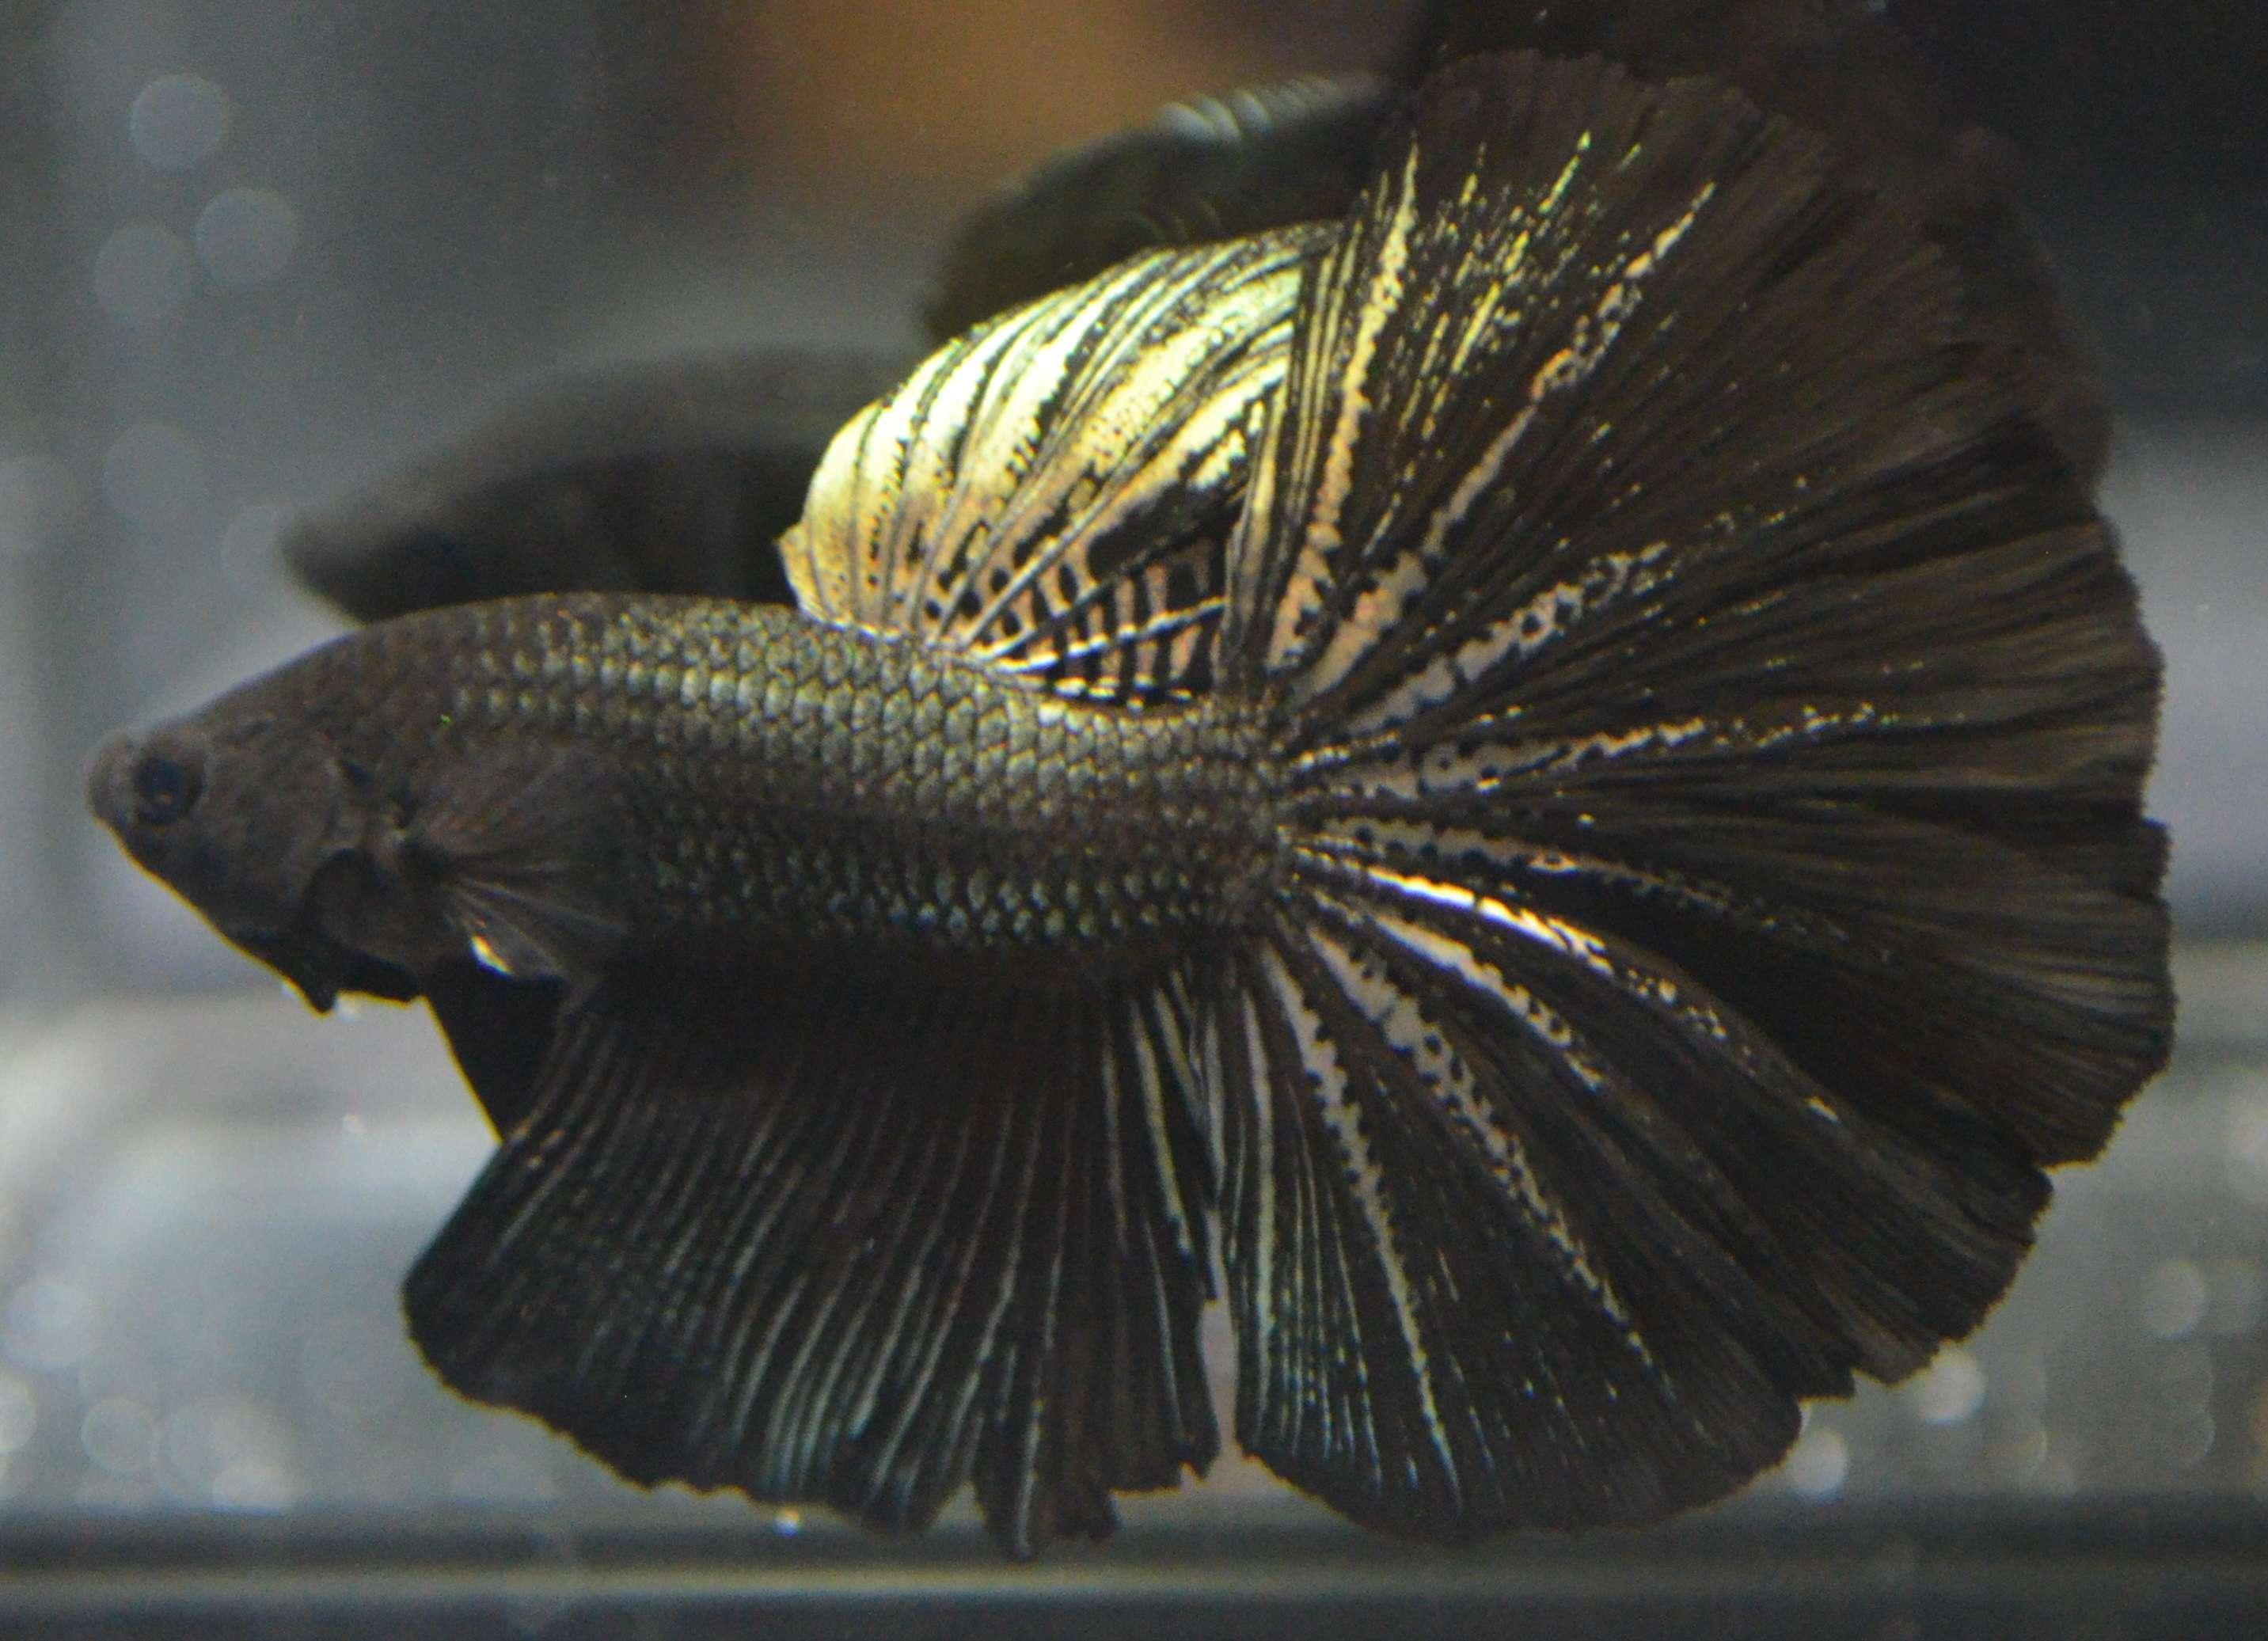 Live betta fish super rare black copper halfmoon male for Rare types of betta fish